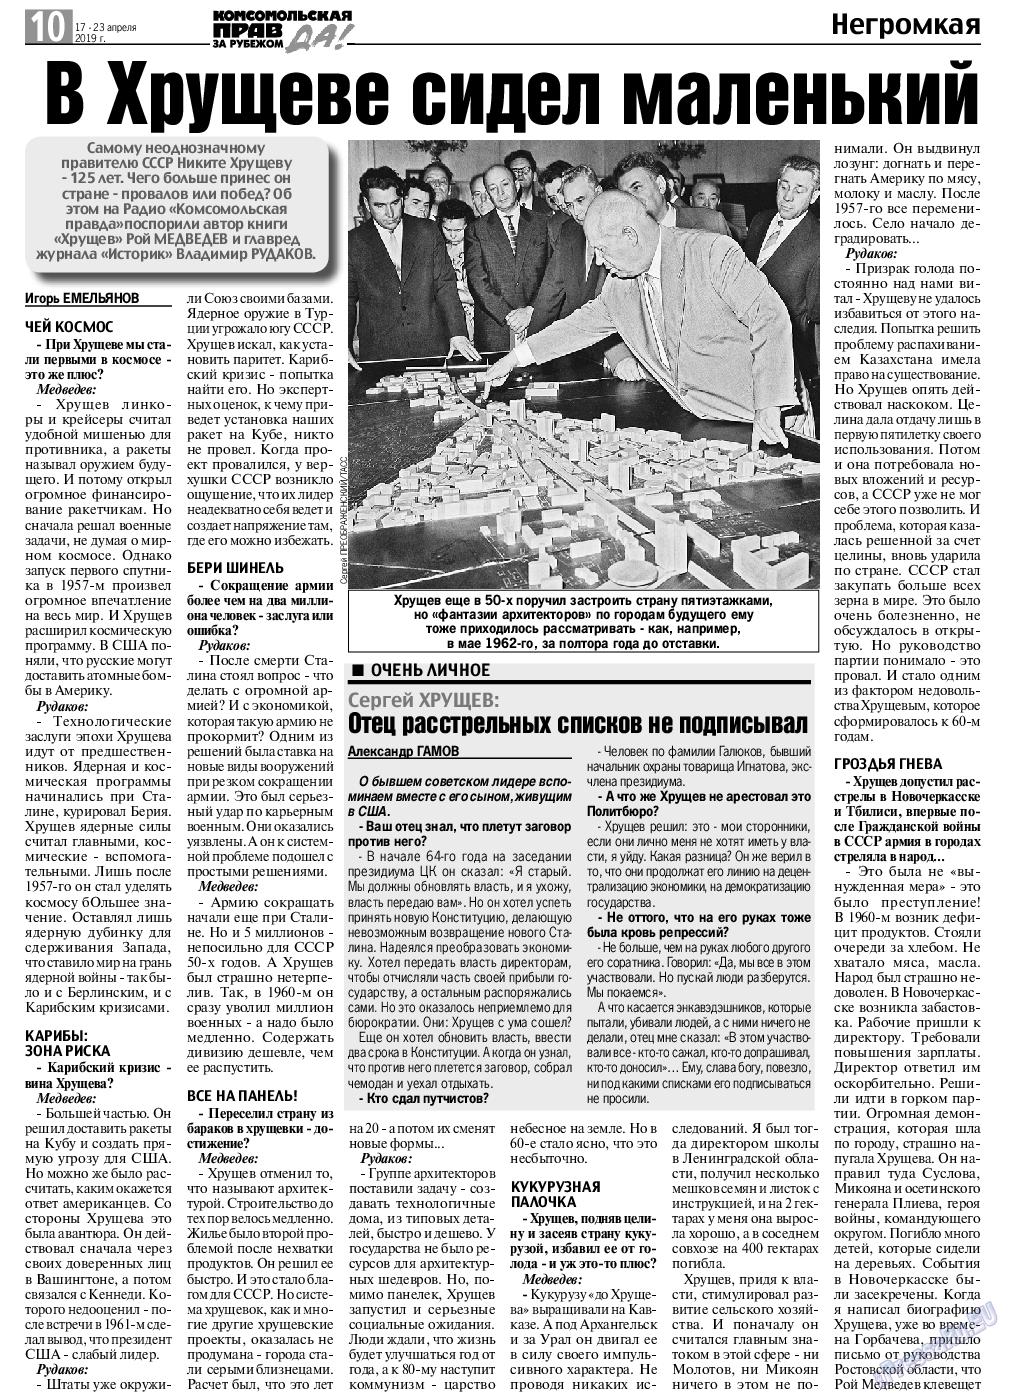 КП в Европе (газета). 2019 год, номер 16, стр. 10